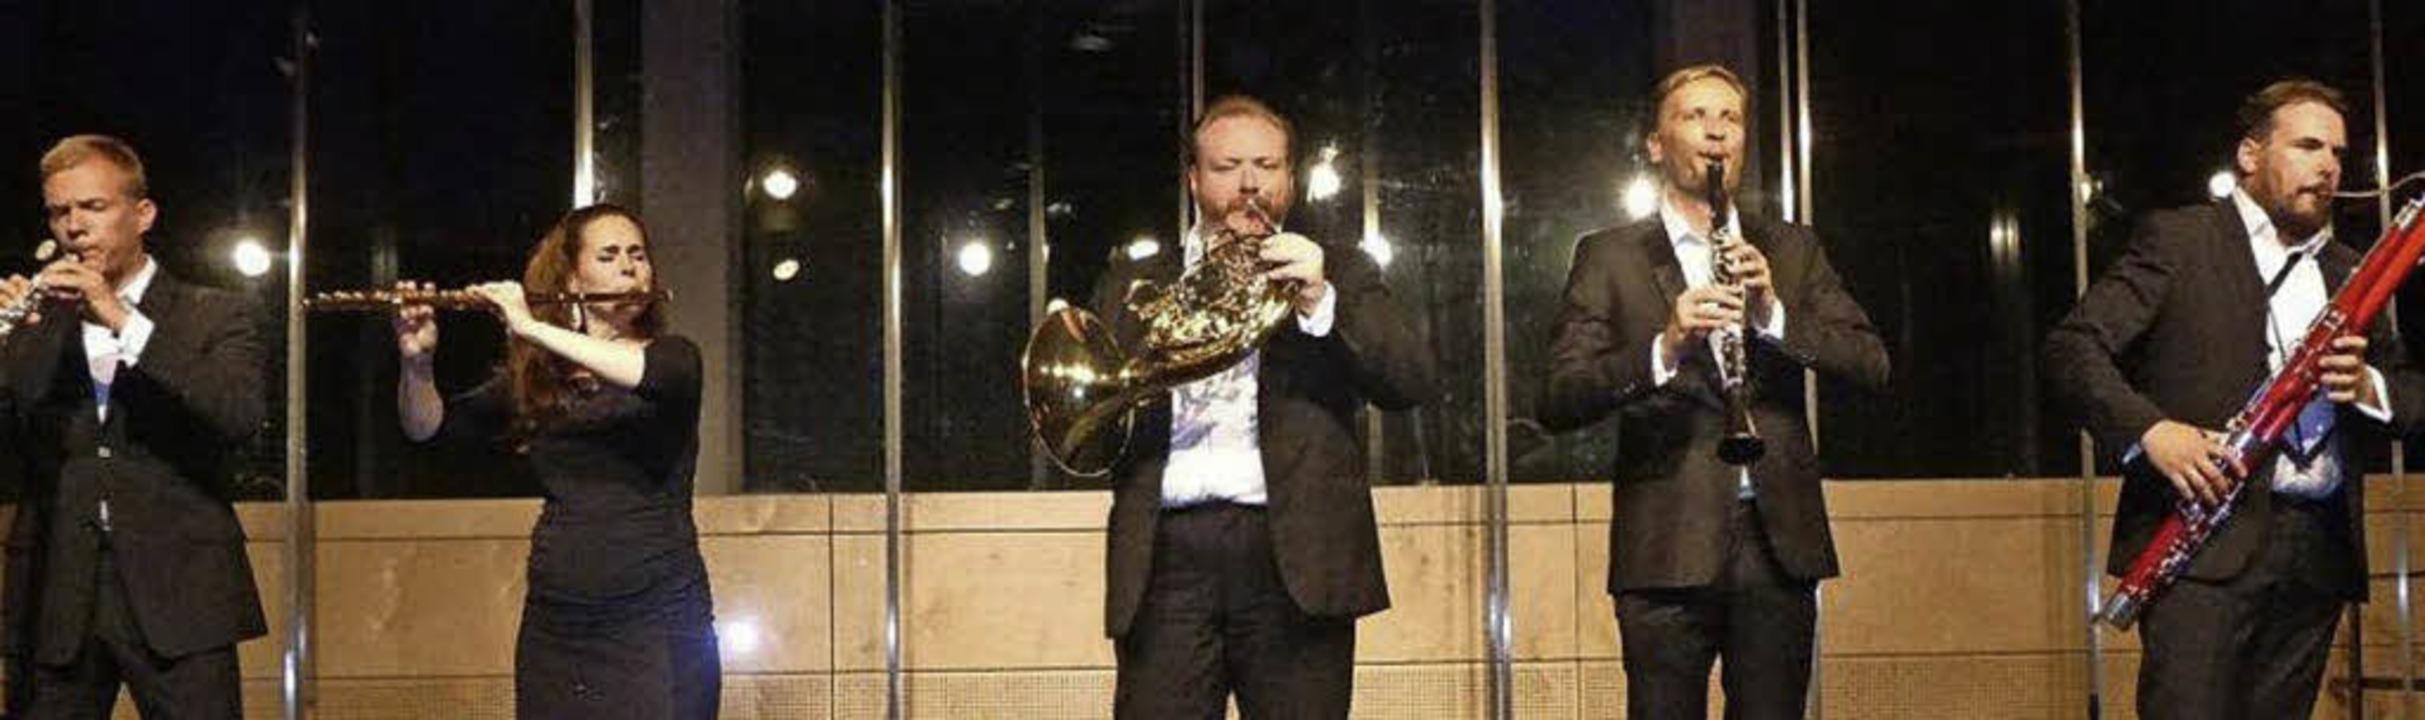 Mit  Oboe, Flöte,  Horn, Klarinette un...einem Publikum einen besonderen Abend.  | Foto: Anne Freyer